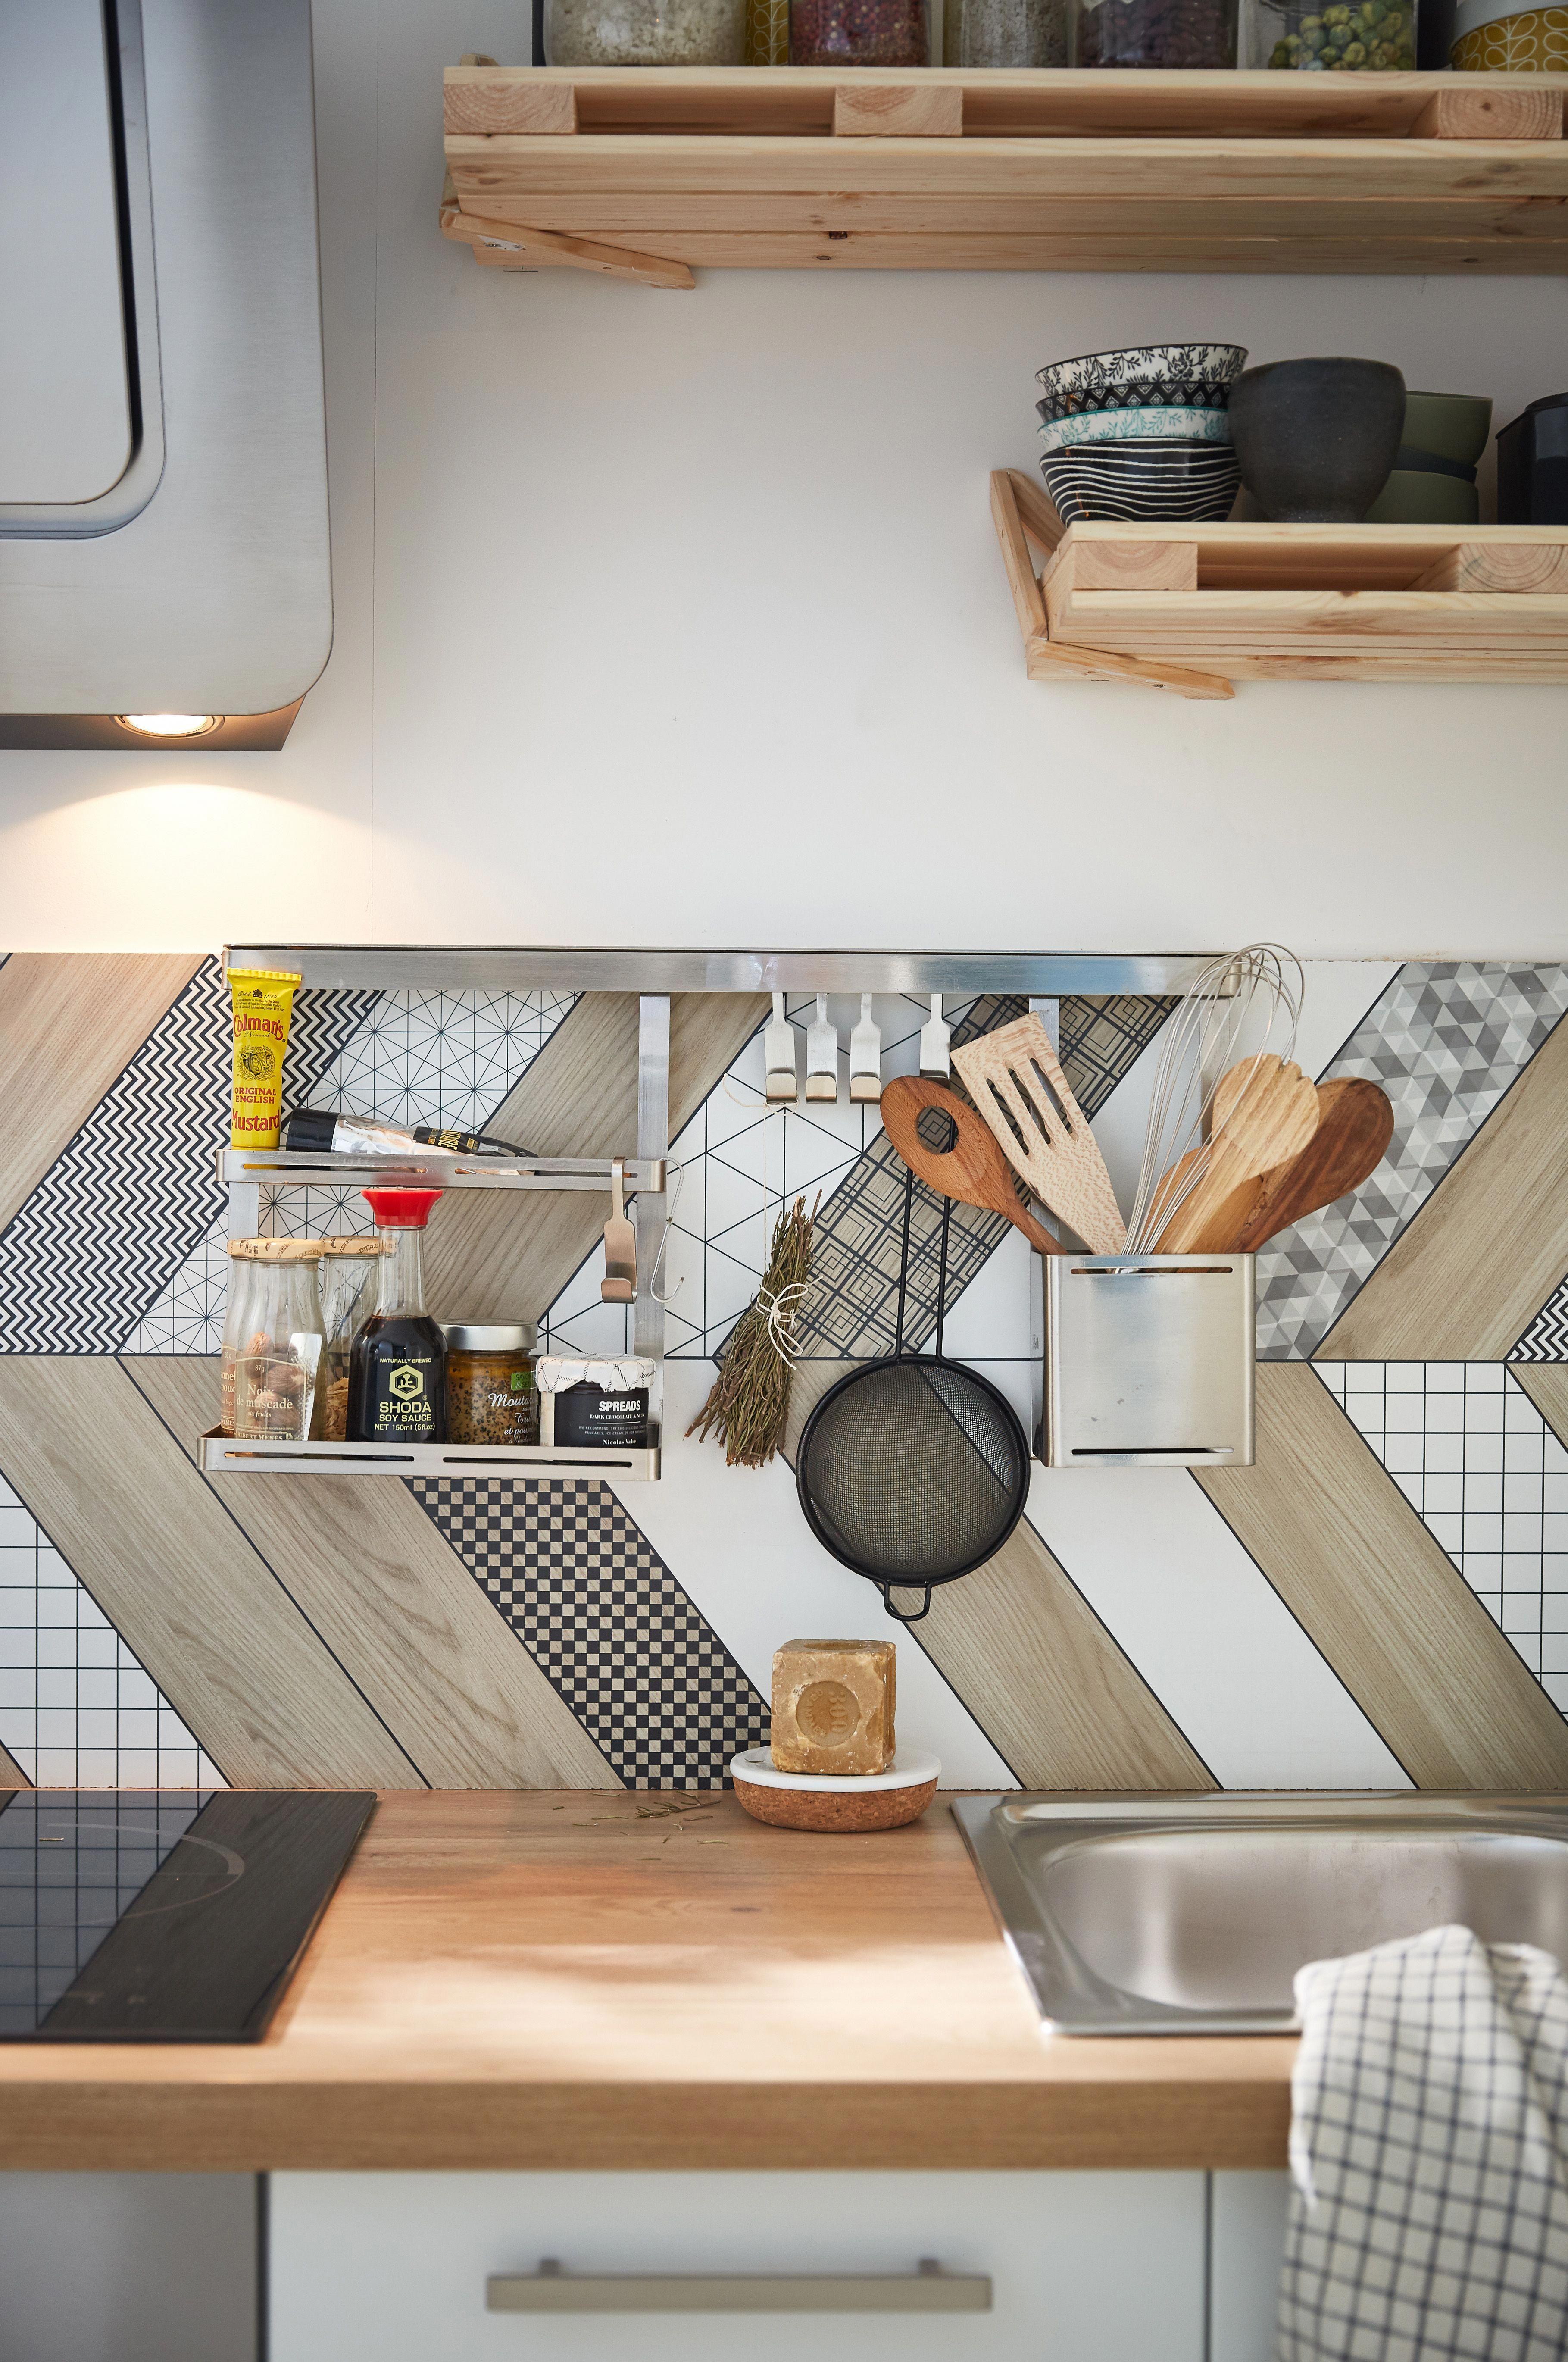 48h Pour Relooker Vos Cuisine A La Sauce Bistronomique Leroymerlin Makeover Ho Decoration Cuisine Moderne Relooking Cuisine Organisation De Petite Cuisine